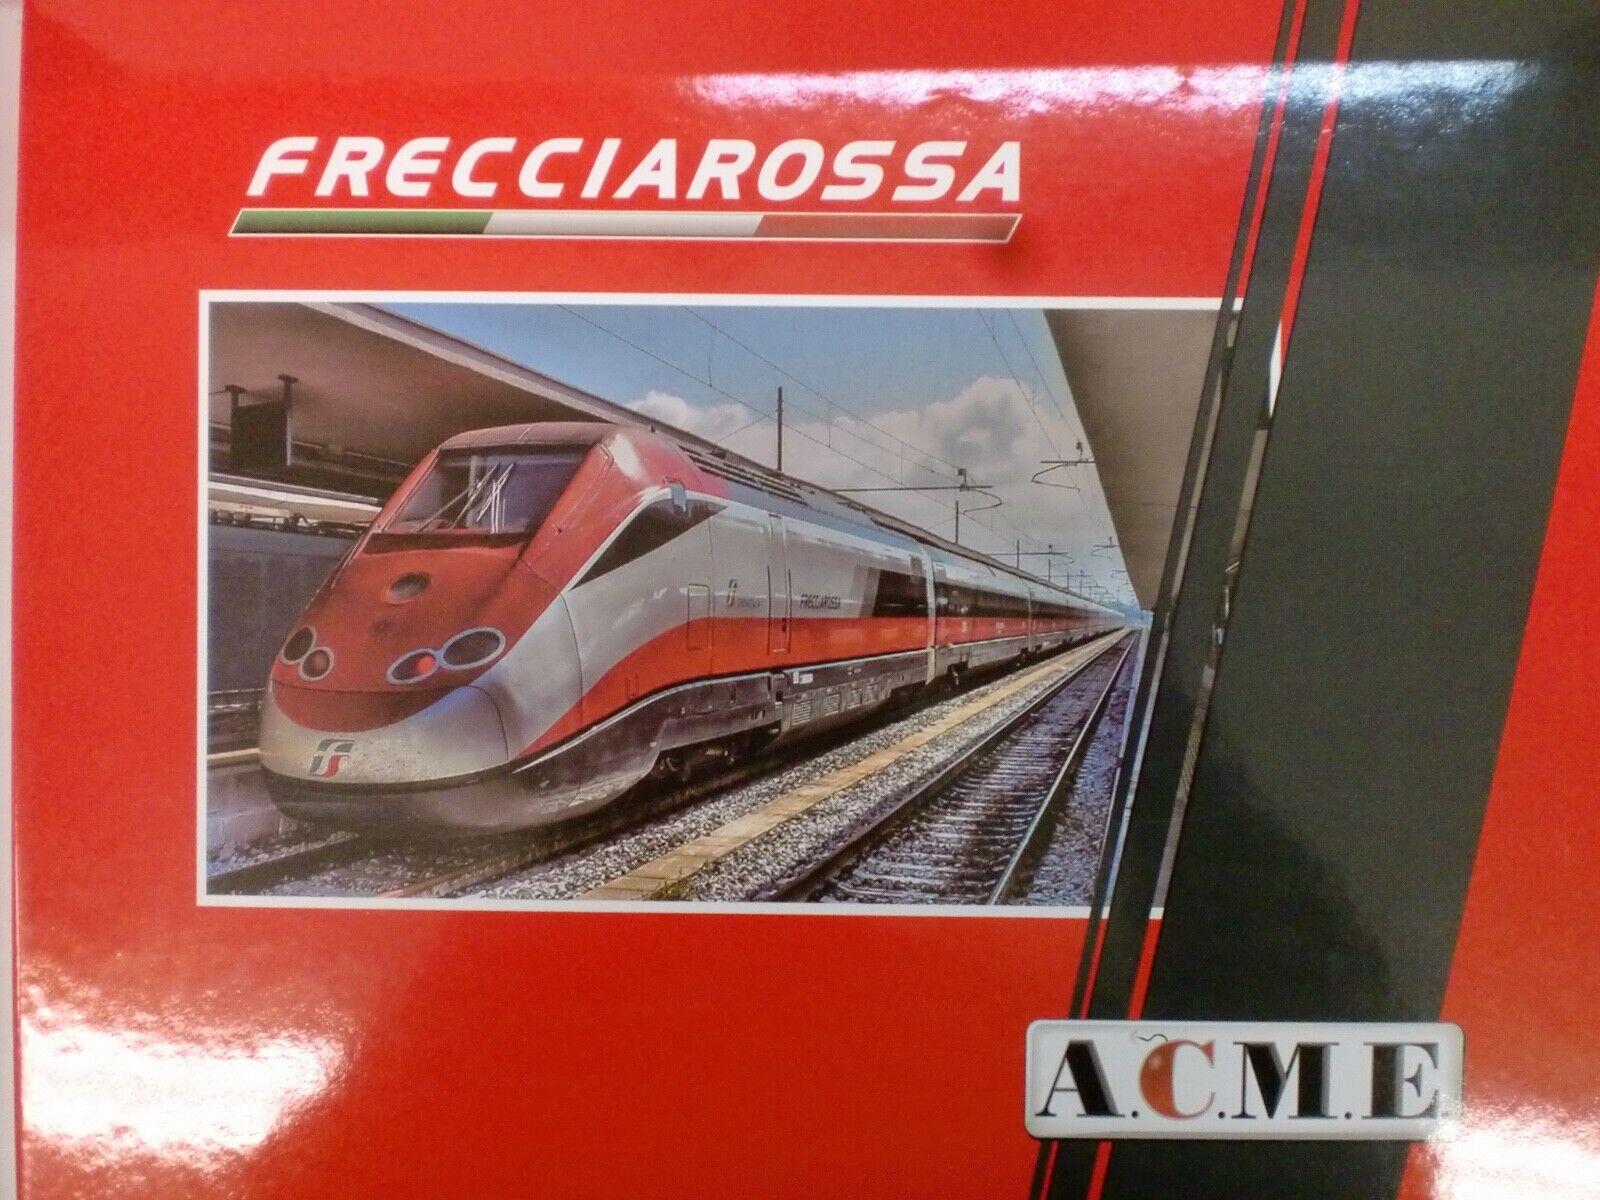 ACME 70100 - ERT 500 FS FRECCIAROSSA 2 LOCO + 2 VETTURE EP. VI HO